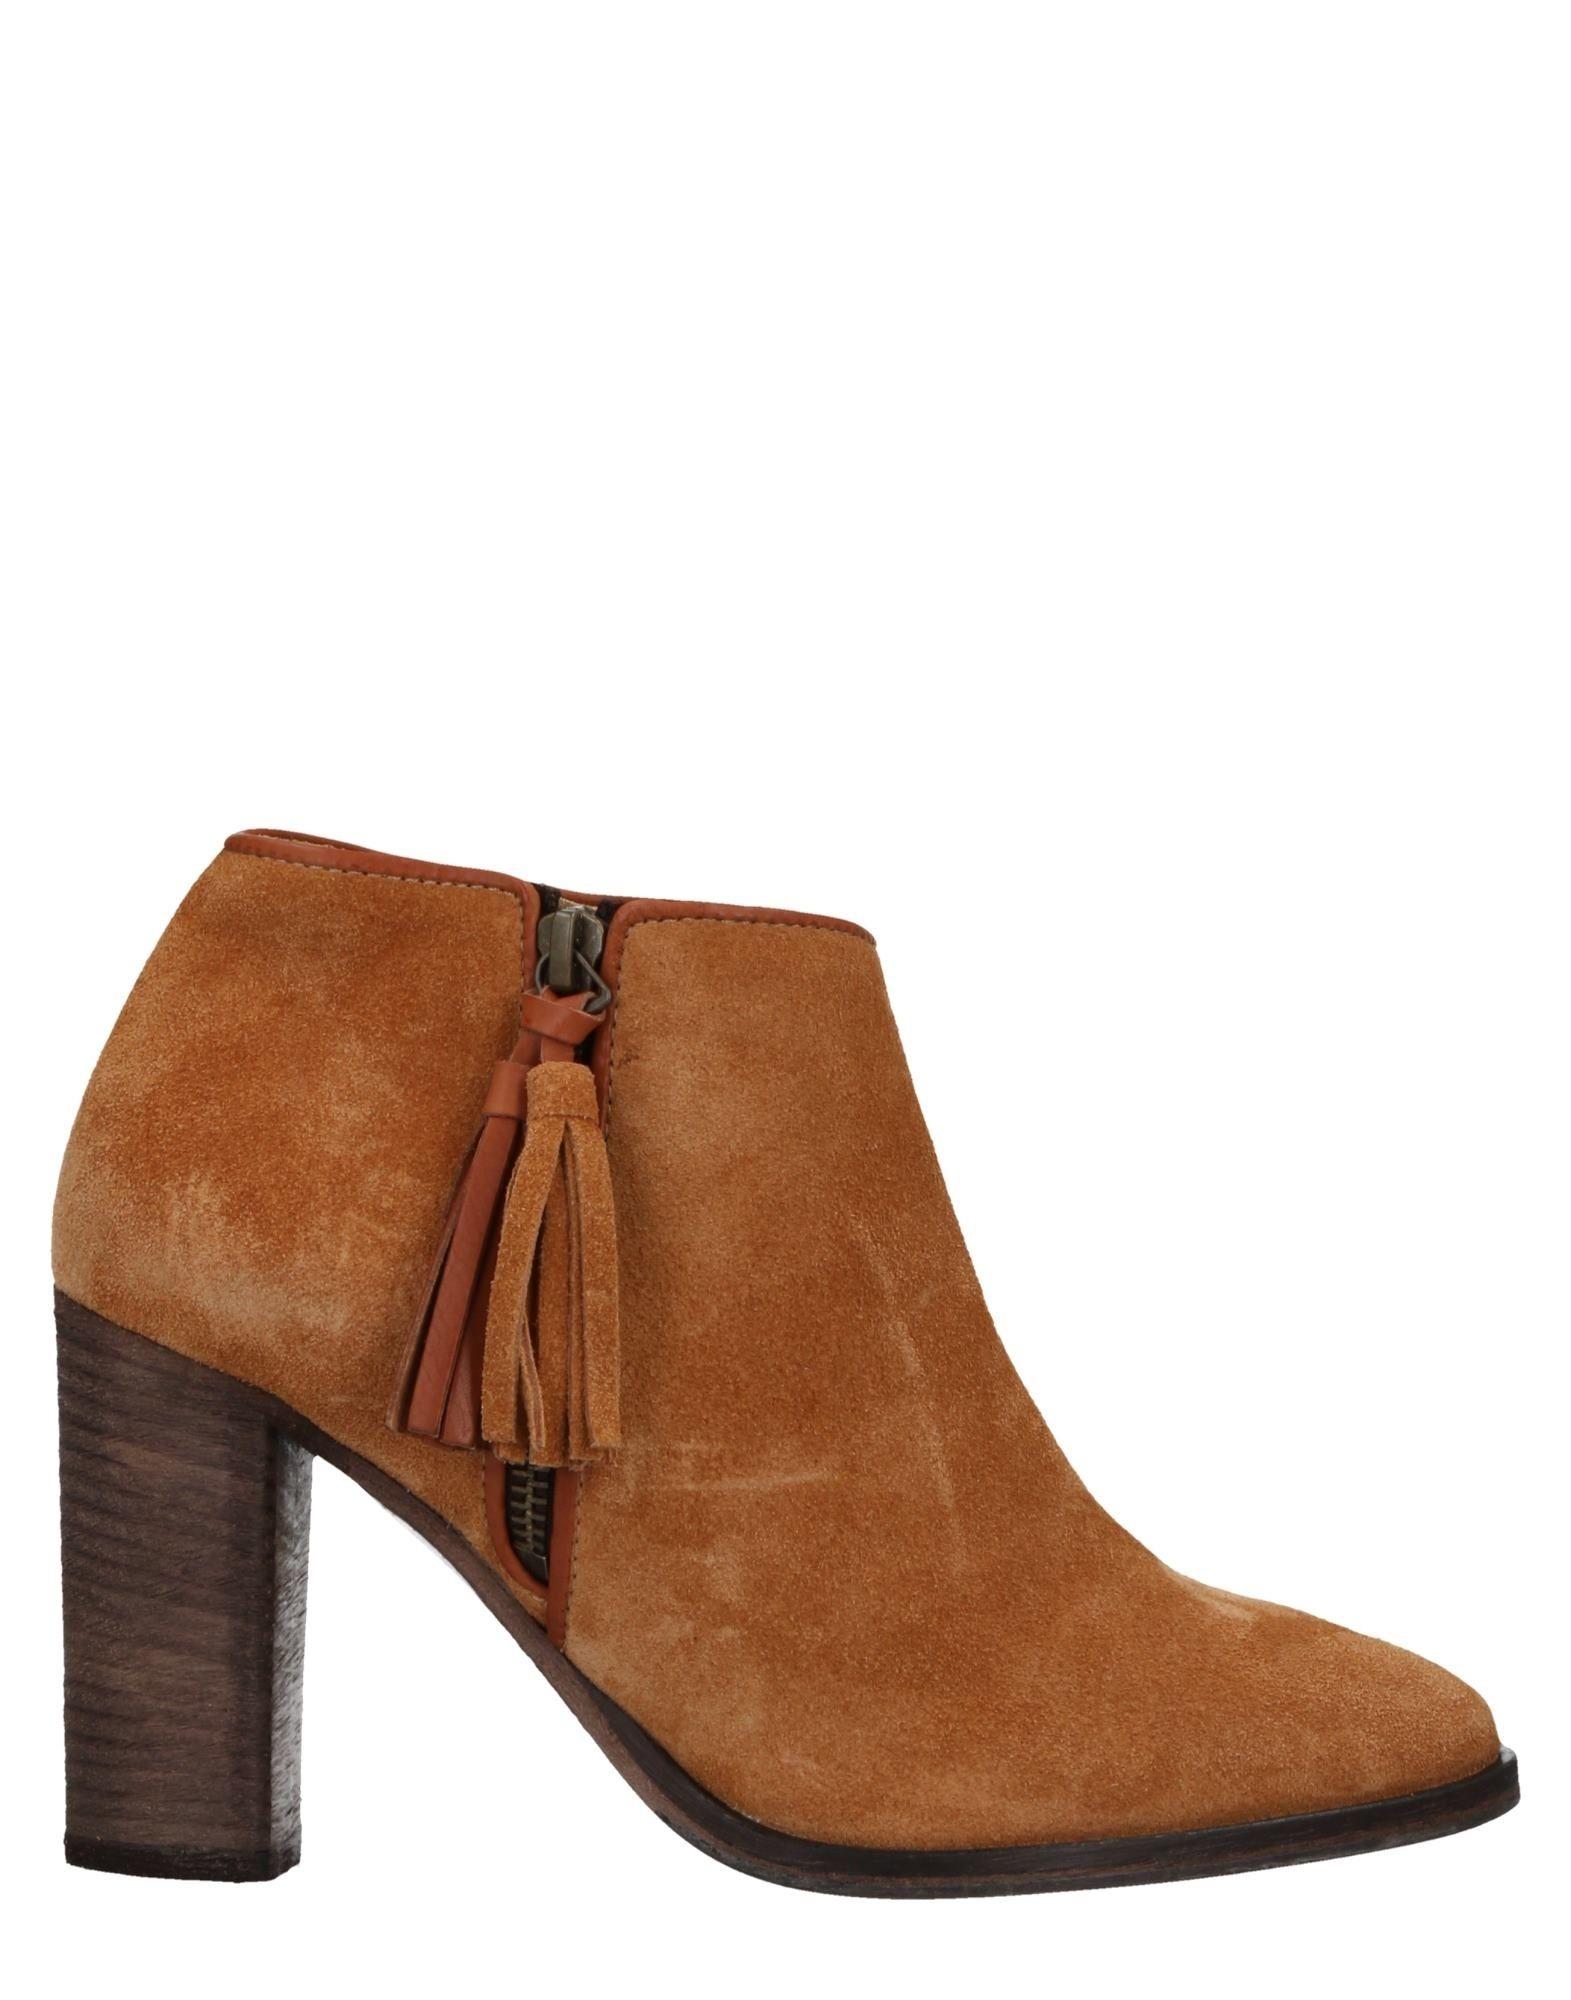 N.D.C. N.D.C. N.D.C. Made By Hand Stiefelette Damen  11521668XT Heiße Schuhe 961868